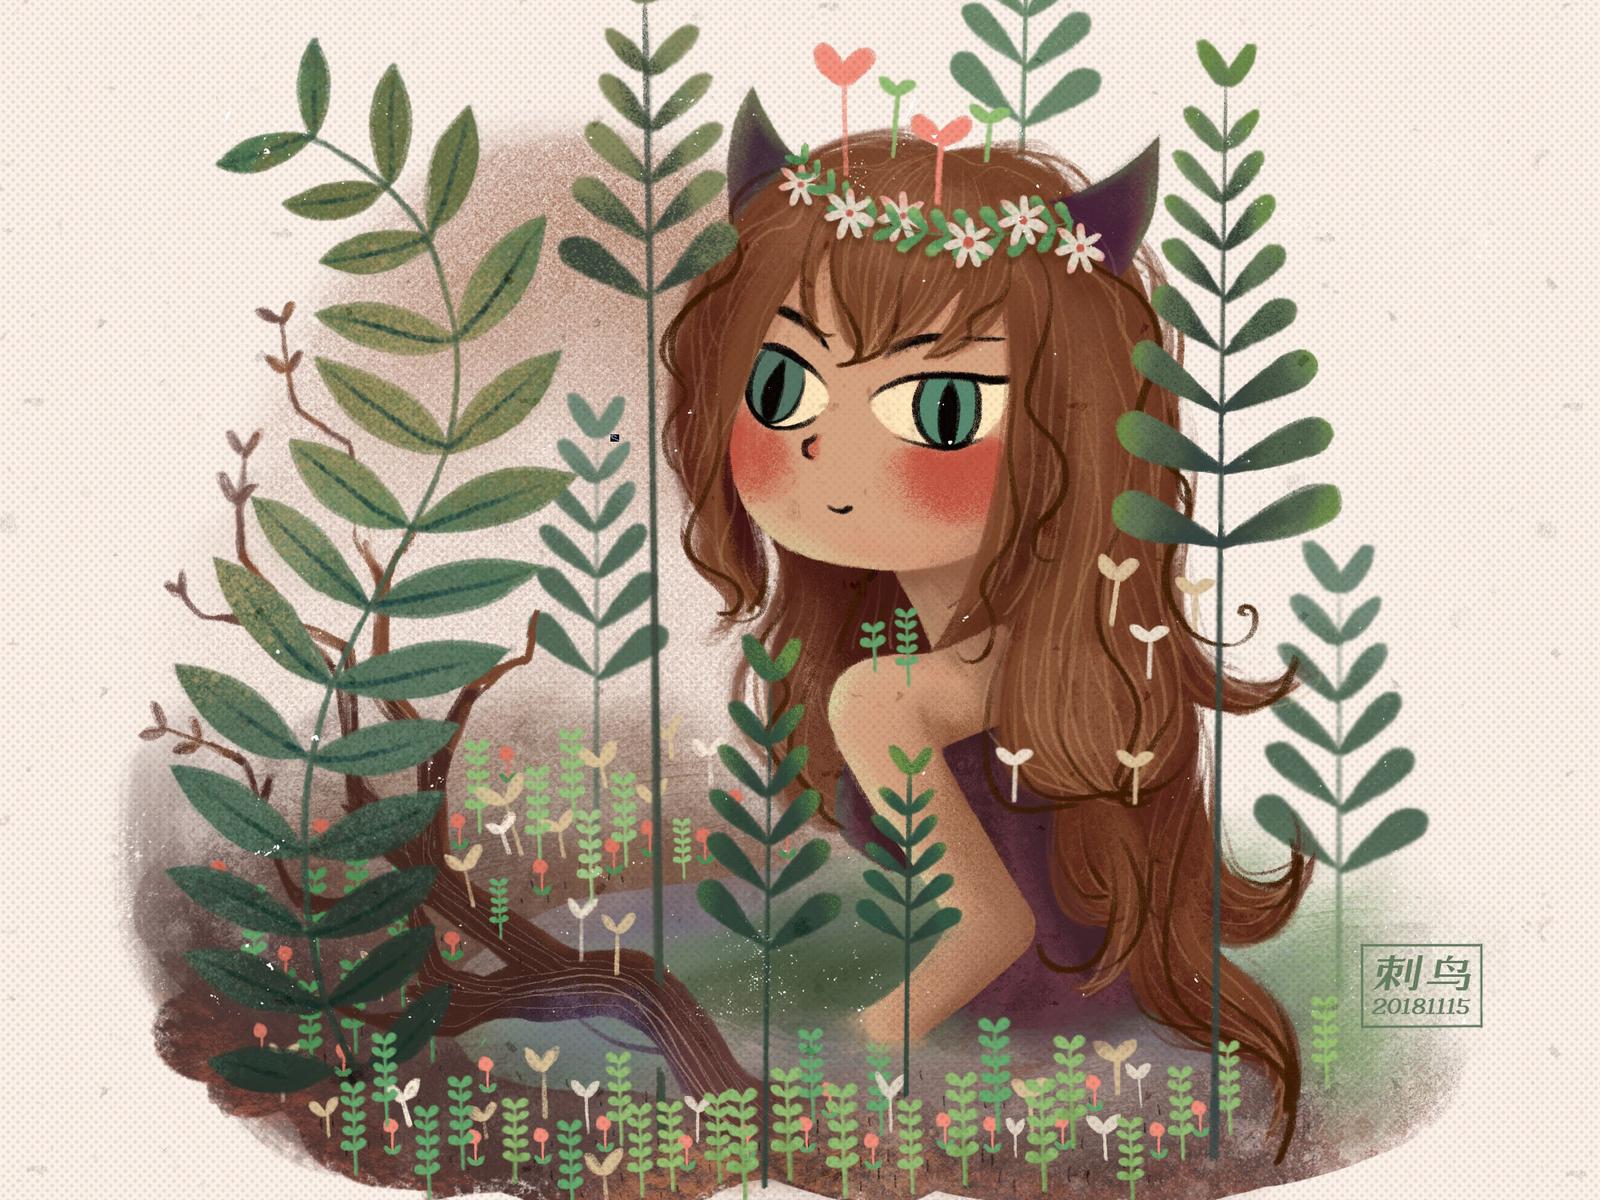 小魔女Little witch illustration, illustrator